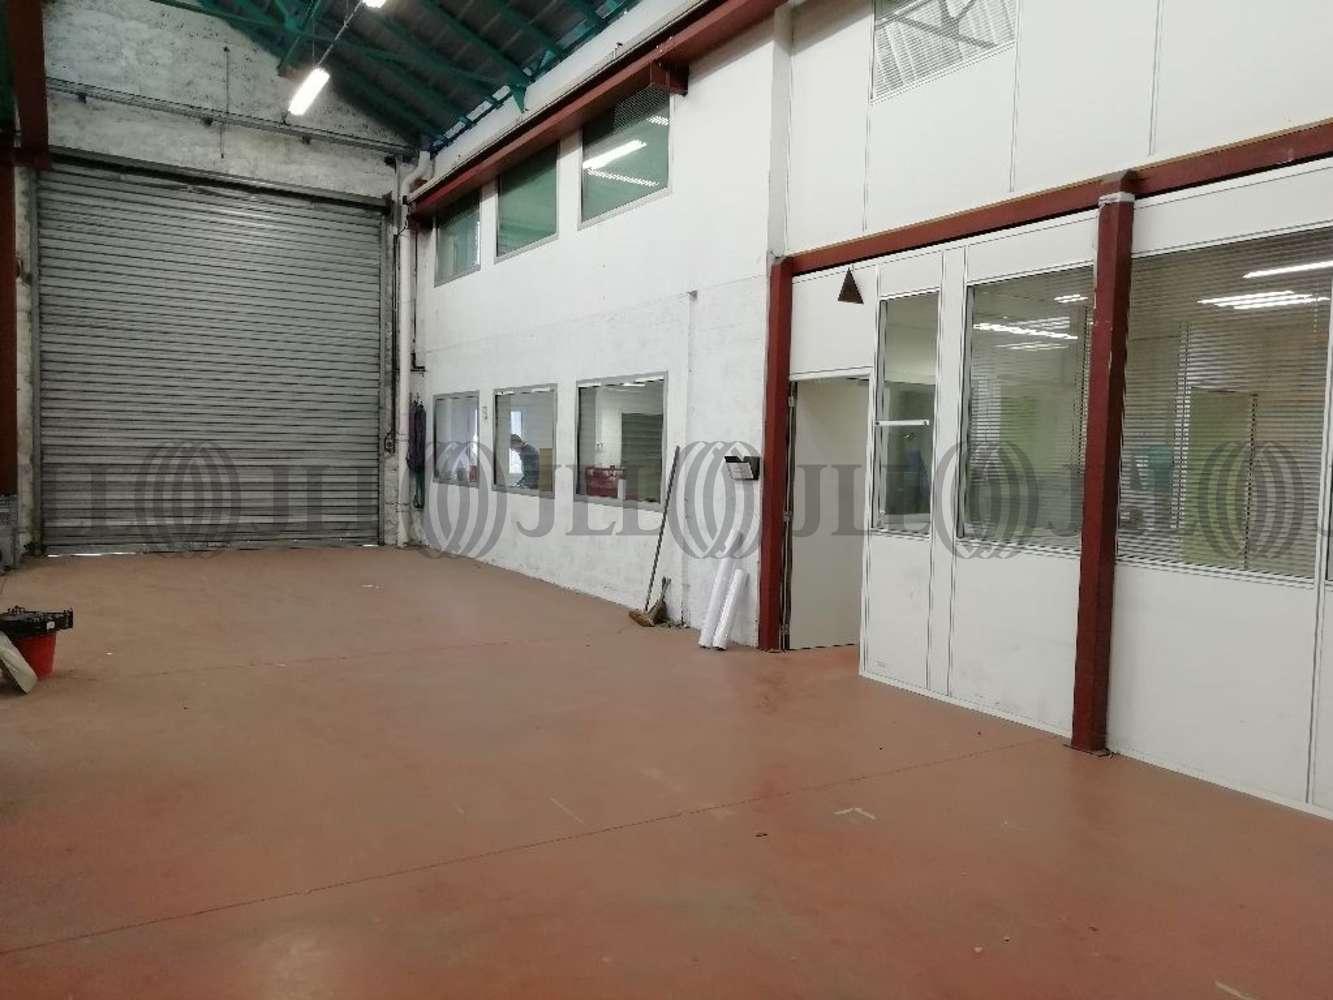 Activités/entrepôt Venissieux, 69200 - LOCATION LOCAUX D'ACTIVITÉ - VENISSIEUX - 10855185